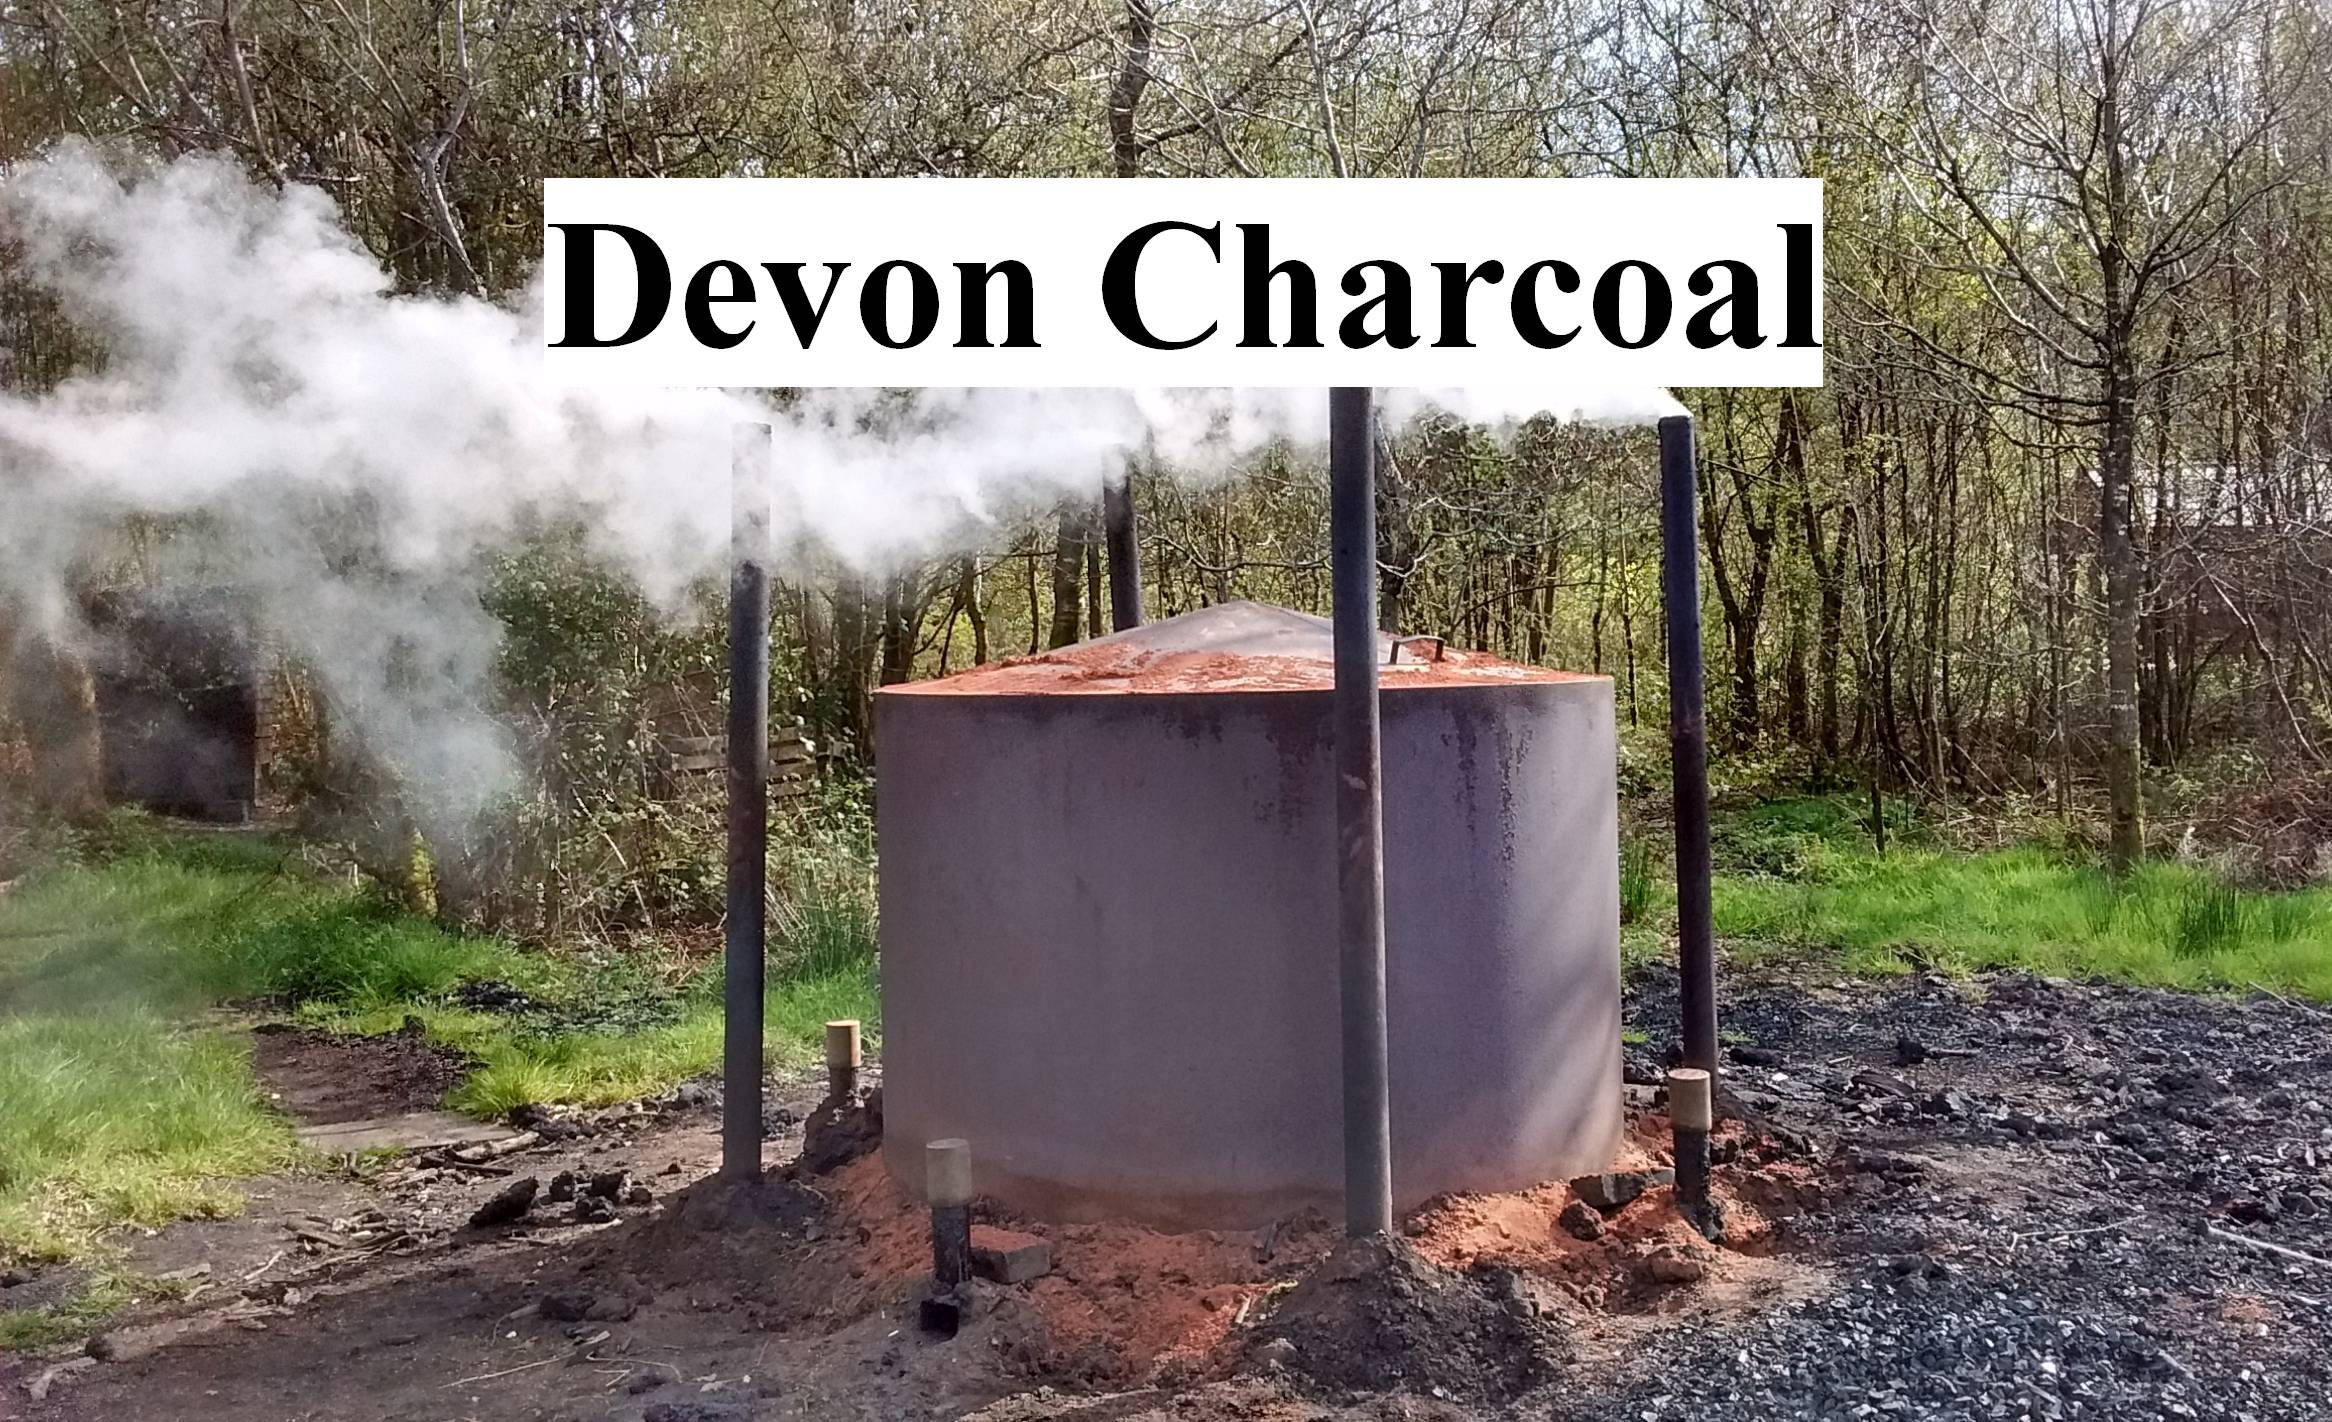 Devon Charcoal